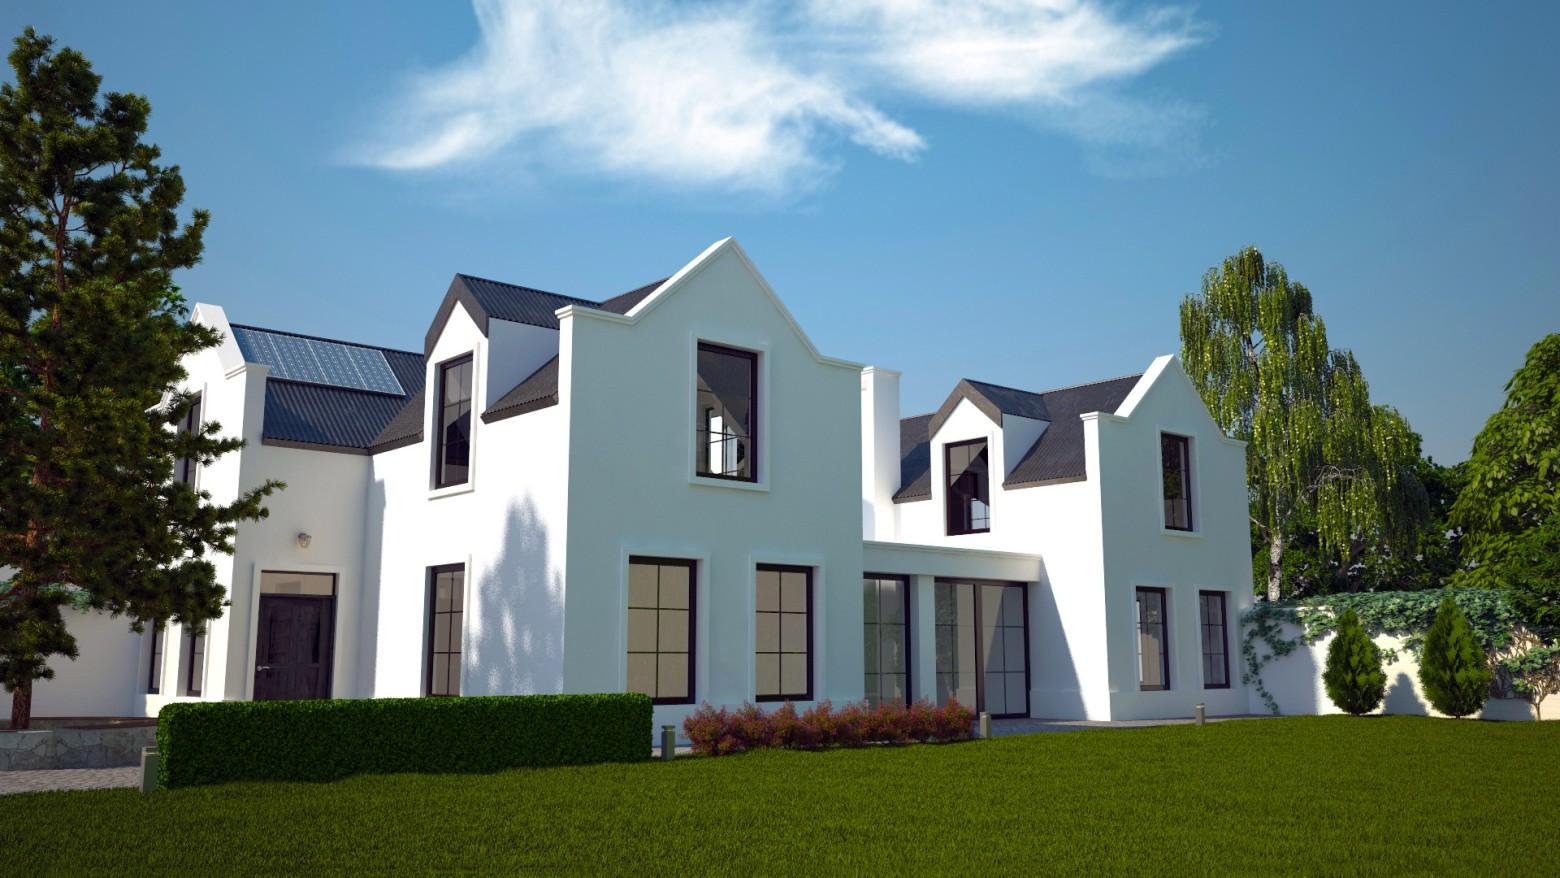 Grande Maison 3d Design Moderne Images Photos Gratuites Images